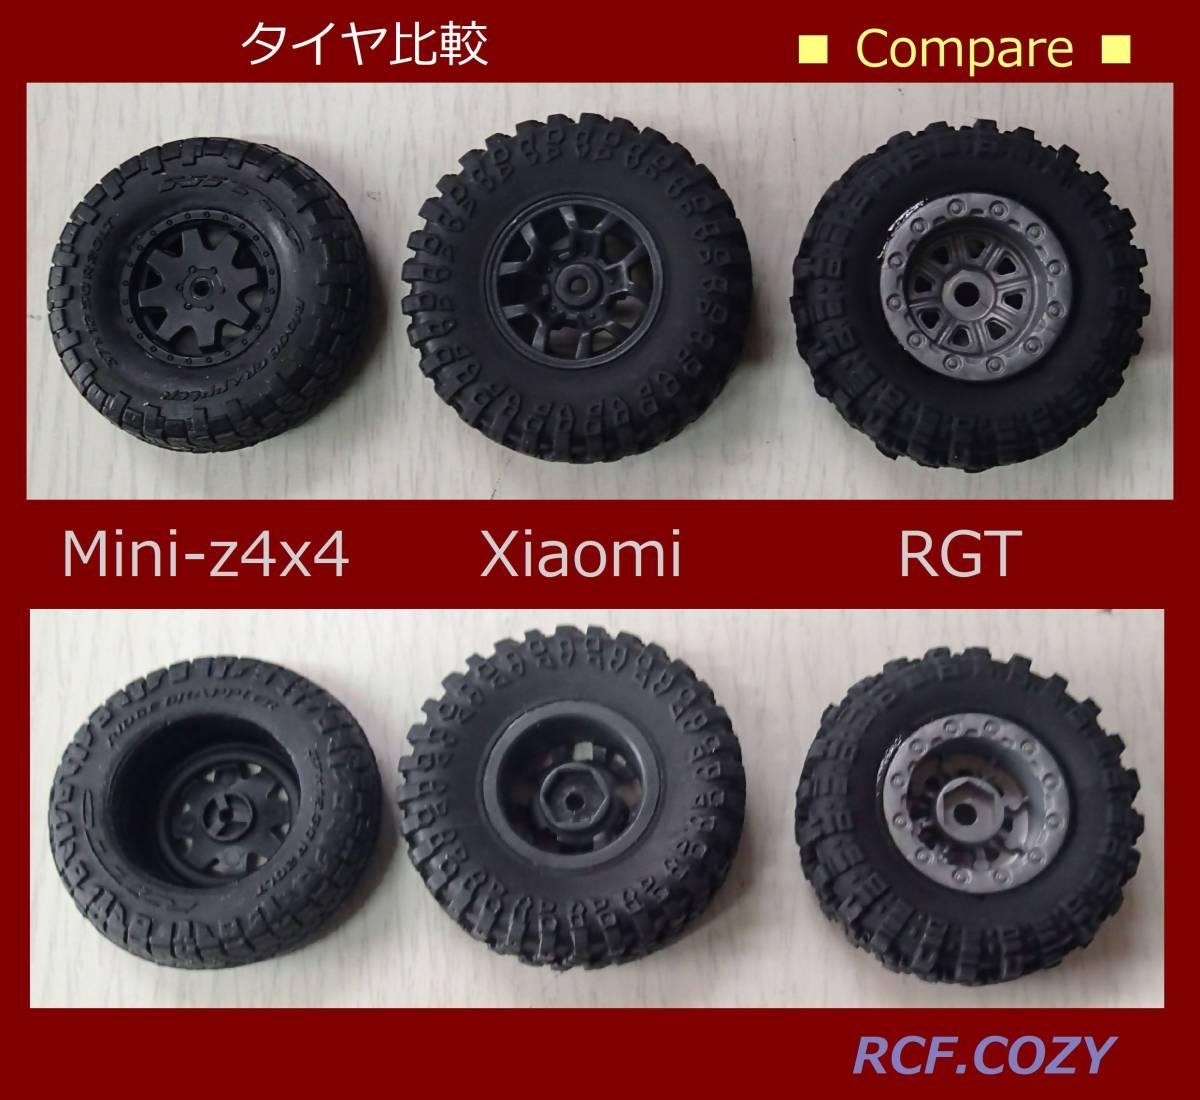 クローラー 用 タイヤ RGT 1/24 ホイール色 グレー (検索 adventure 1:24 mini-z 4x4 ミニッツ4x4 ecx ftx d90 ラングラー camel jeep)